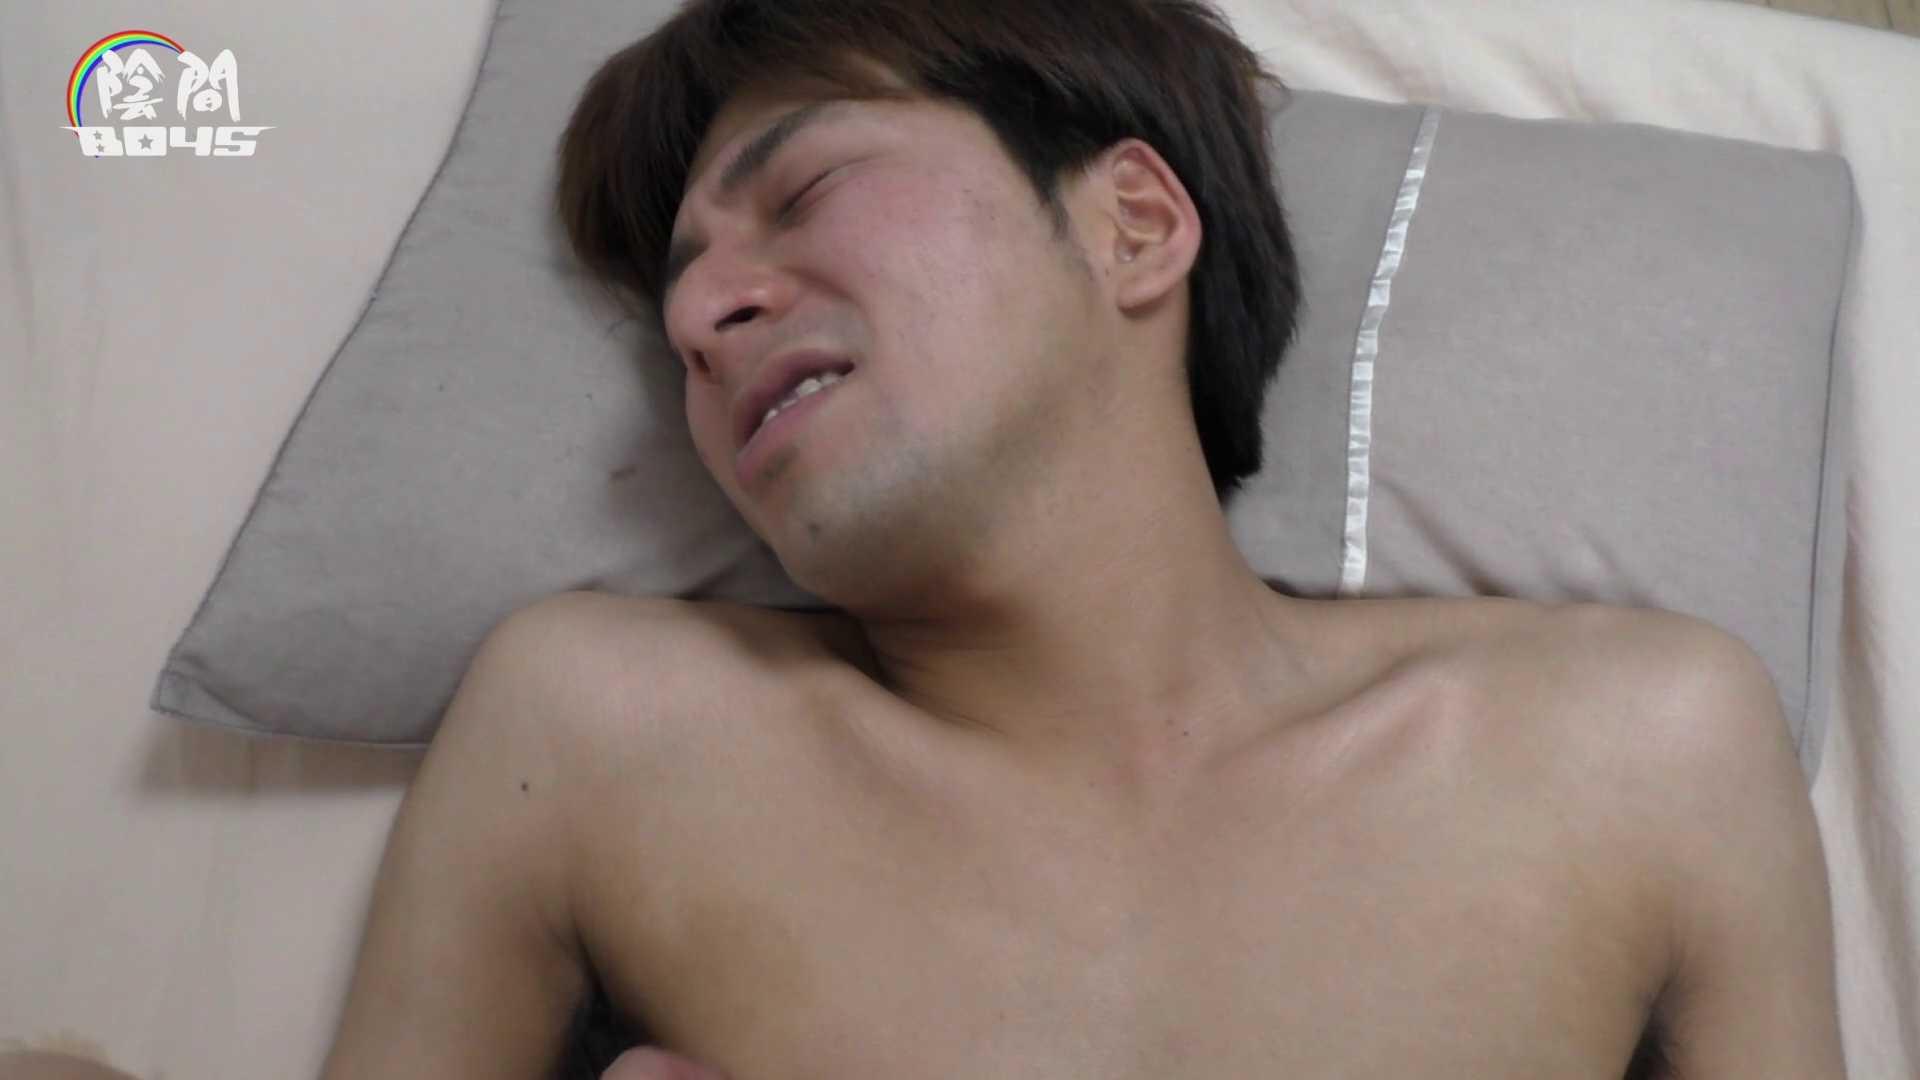 アナルは決して眠らない No.06 ゲイのオナニー映像  62枚 12